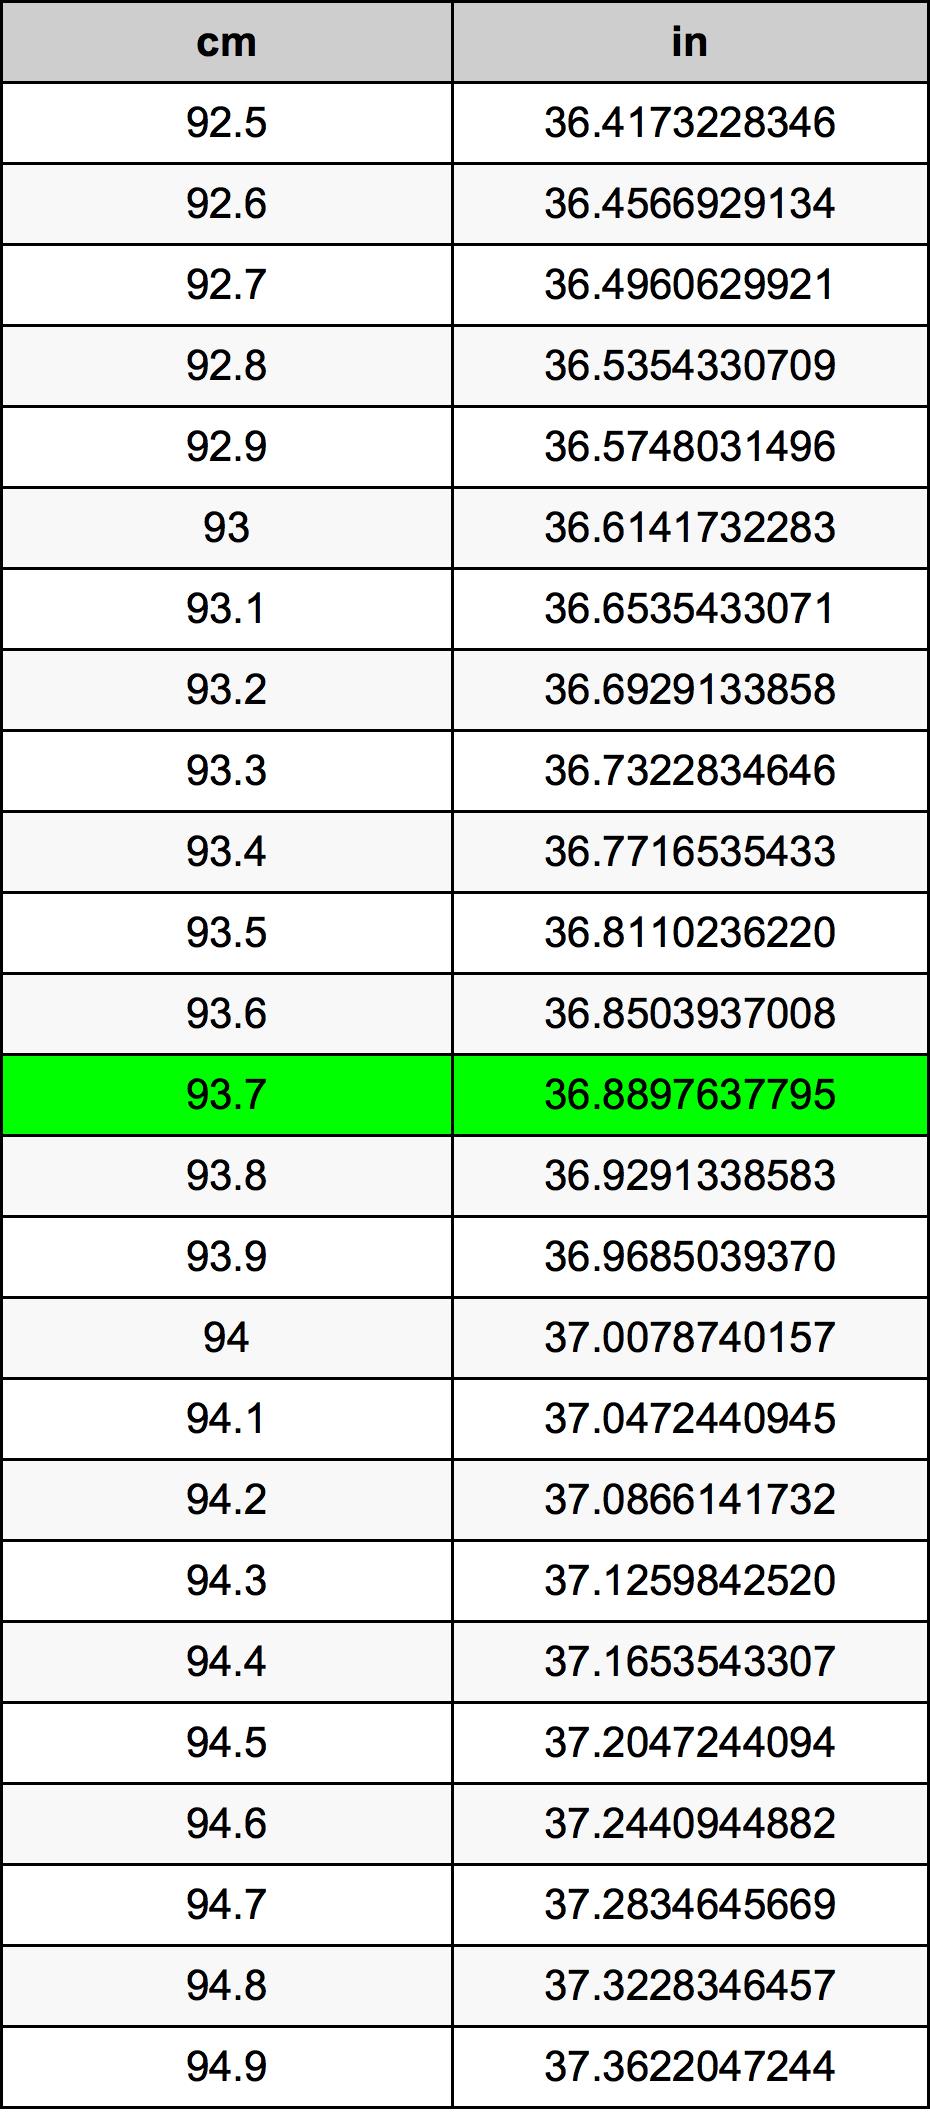 93.7センチメートル換算表